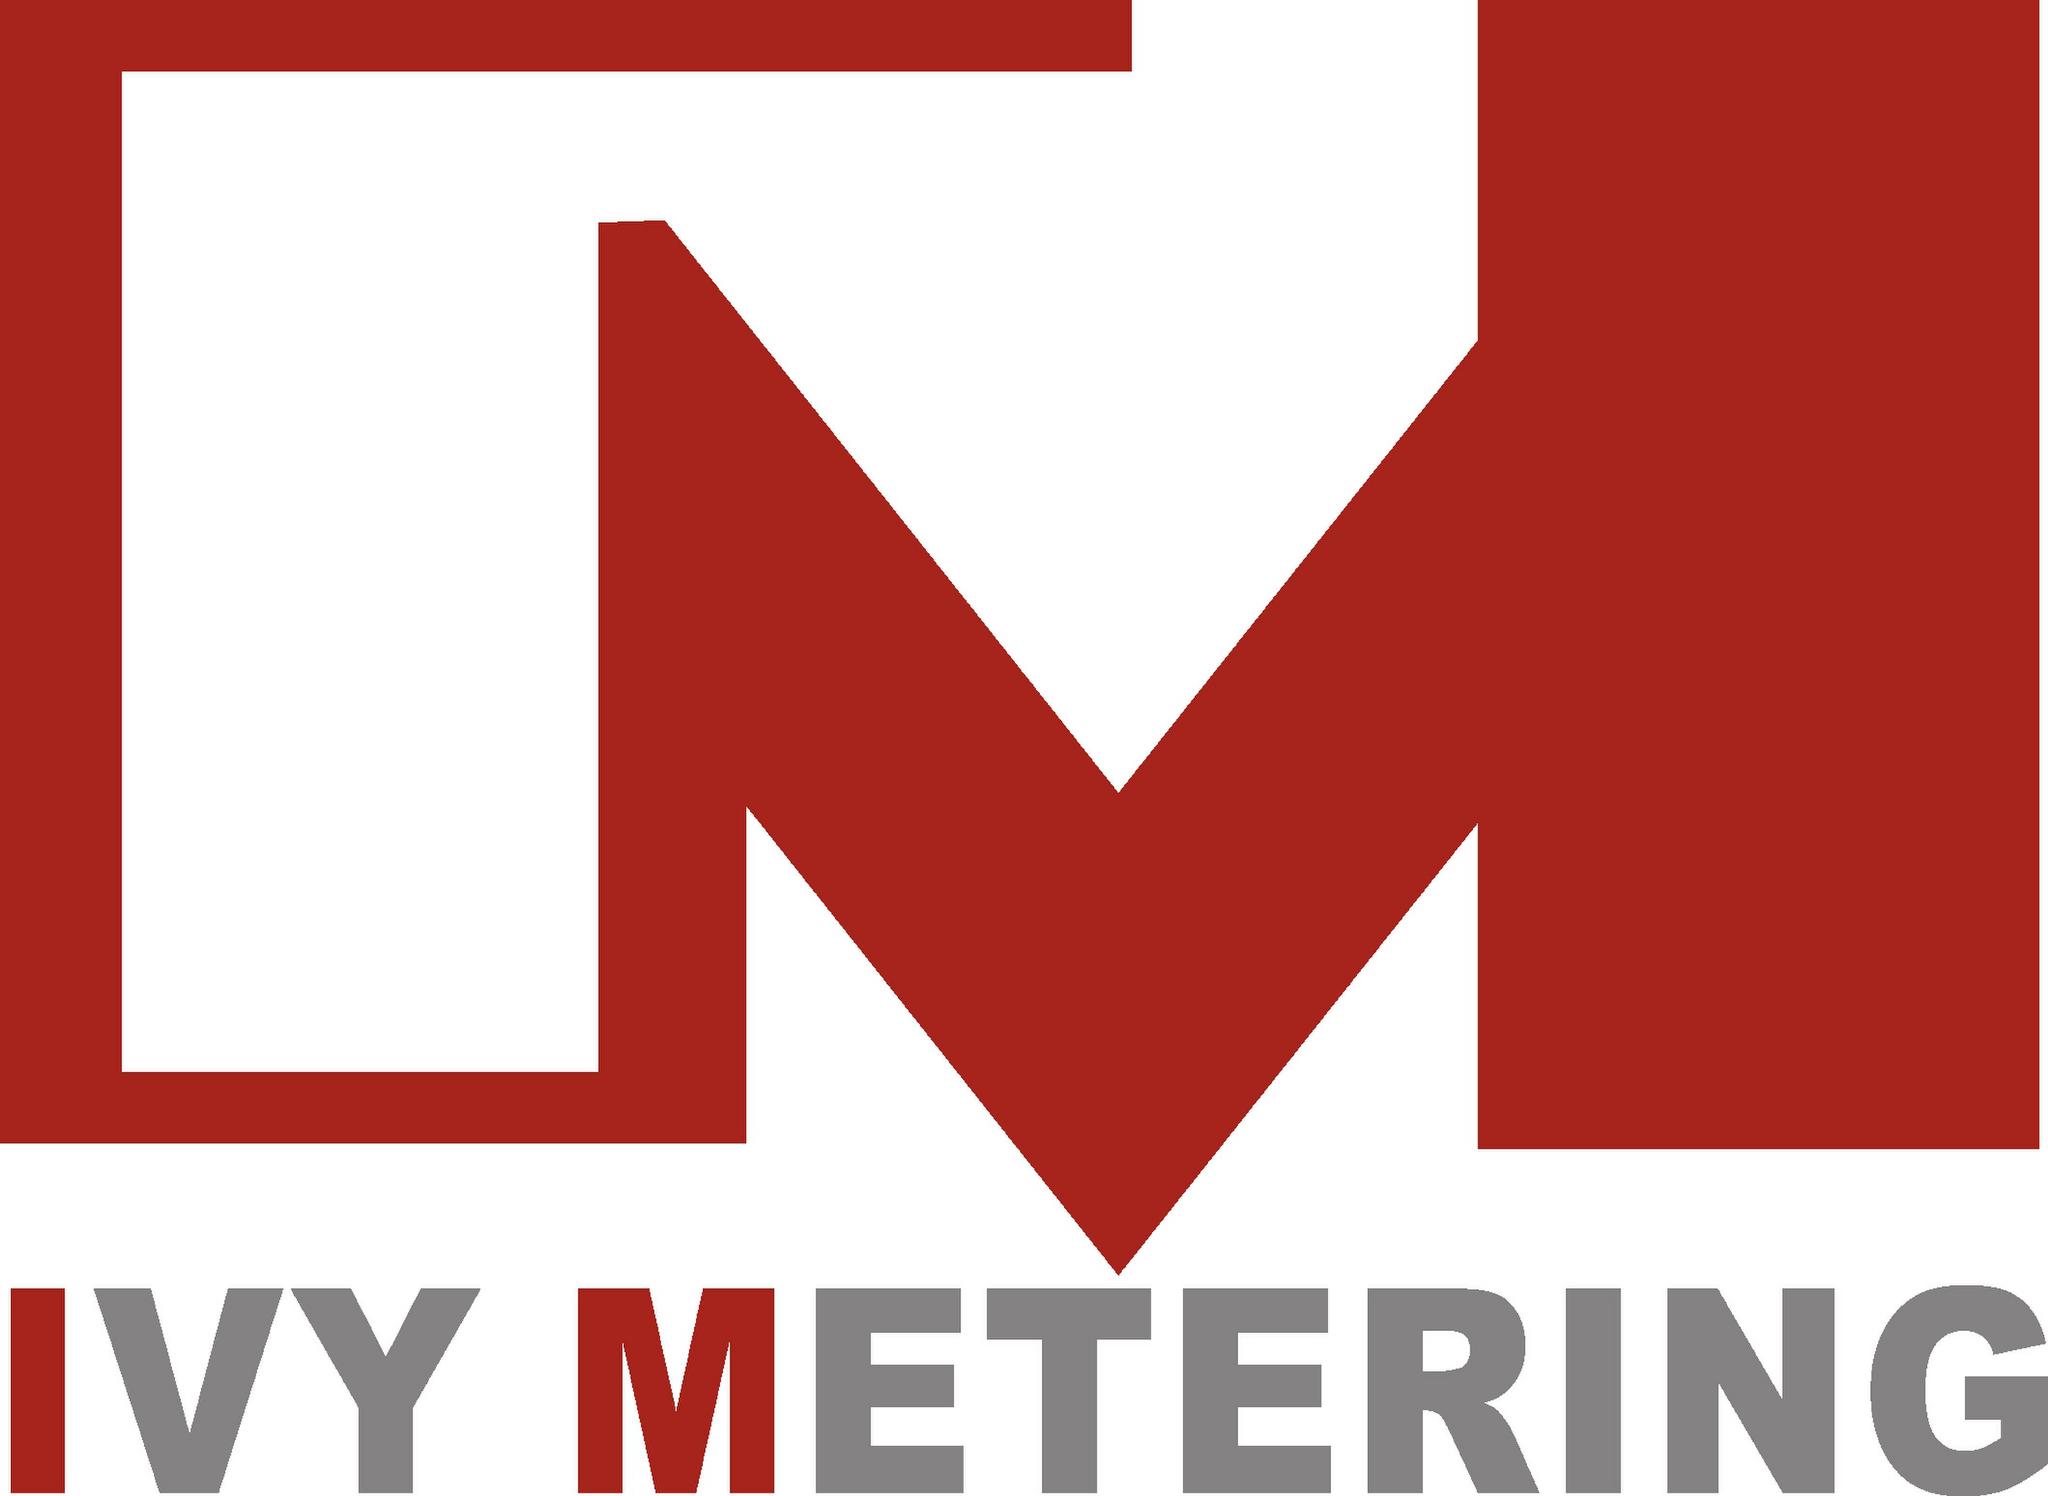 Ivy Metering Co.,Ltd